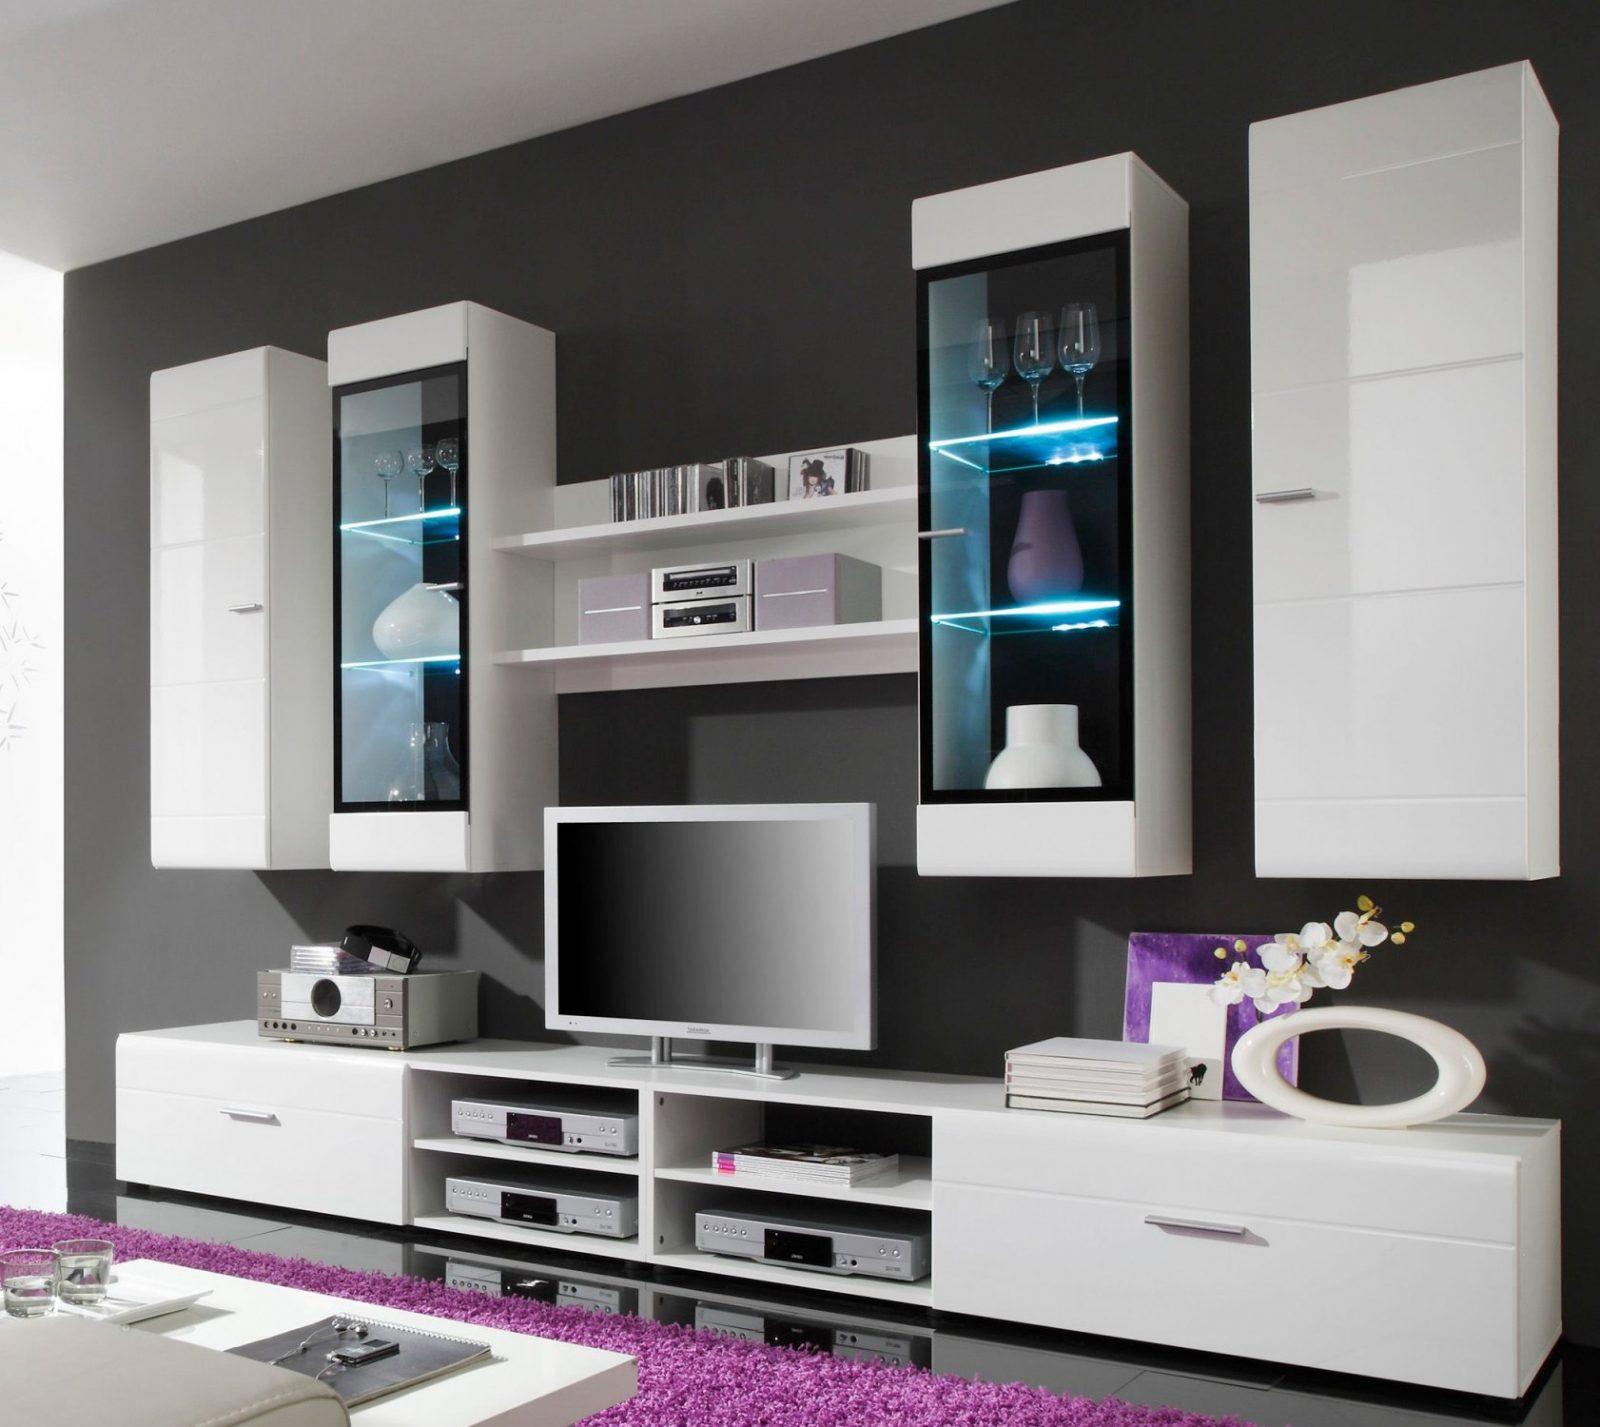 Genial Wohnwand Schwarz Weiß Hochglanz Günstig  Schöner Wohnen In von Wohnwand Weiß Hochglanz Günstig Bild